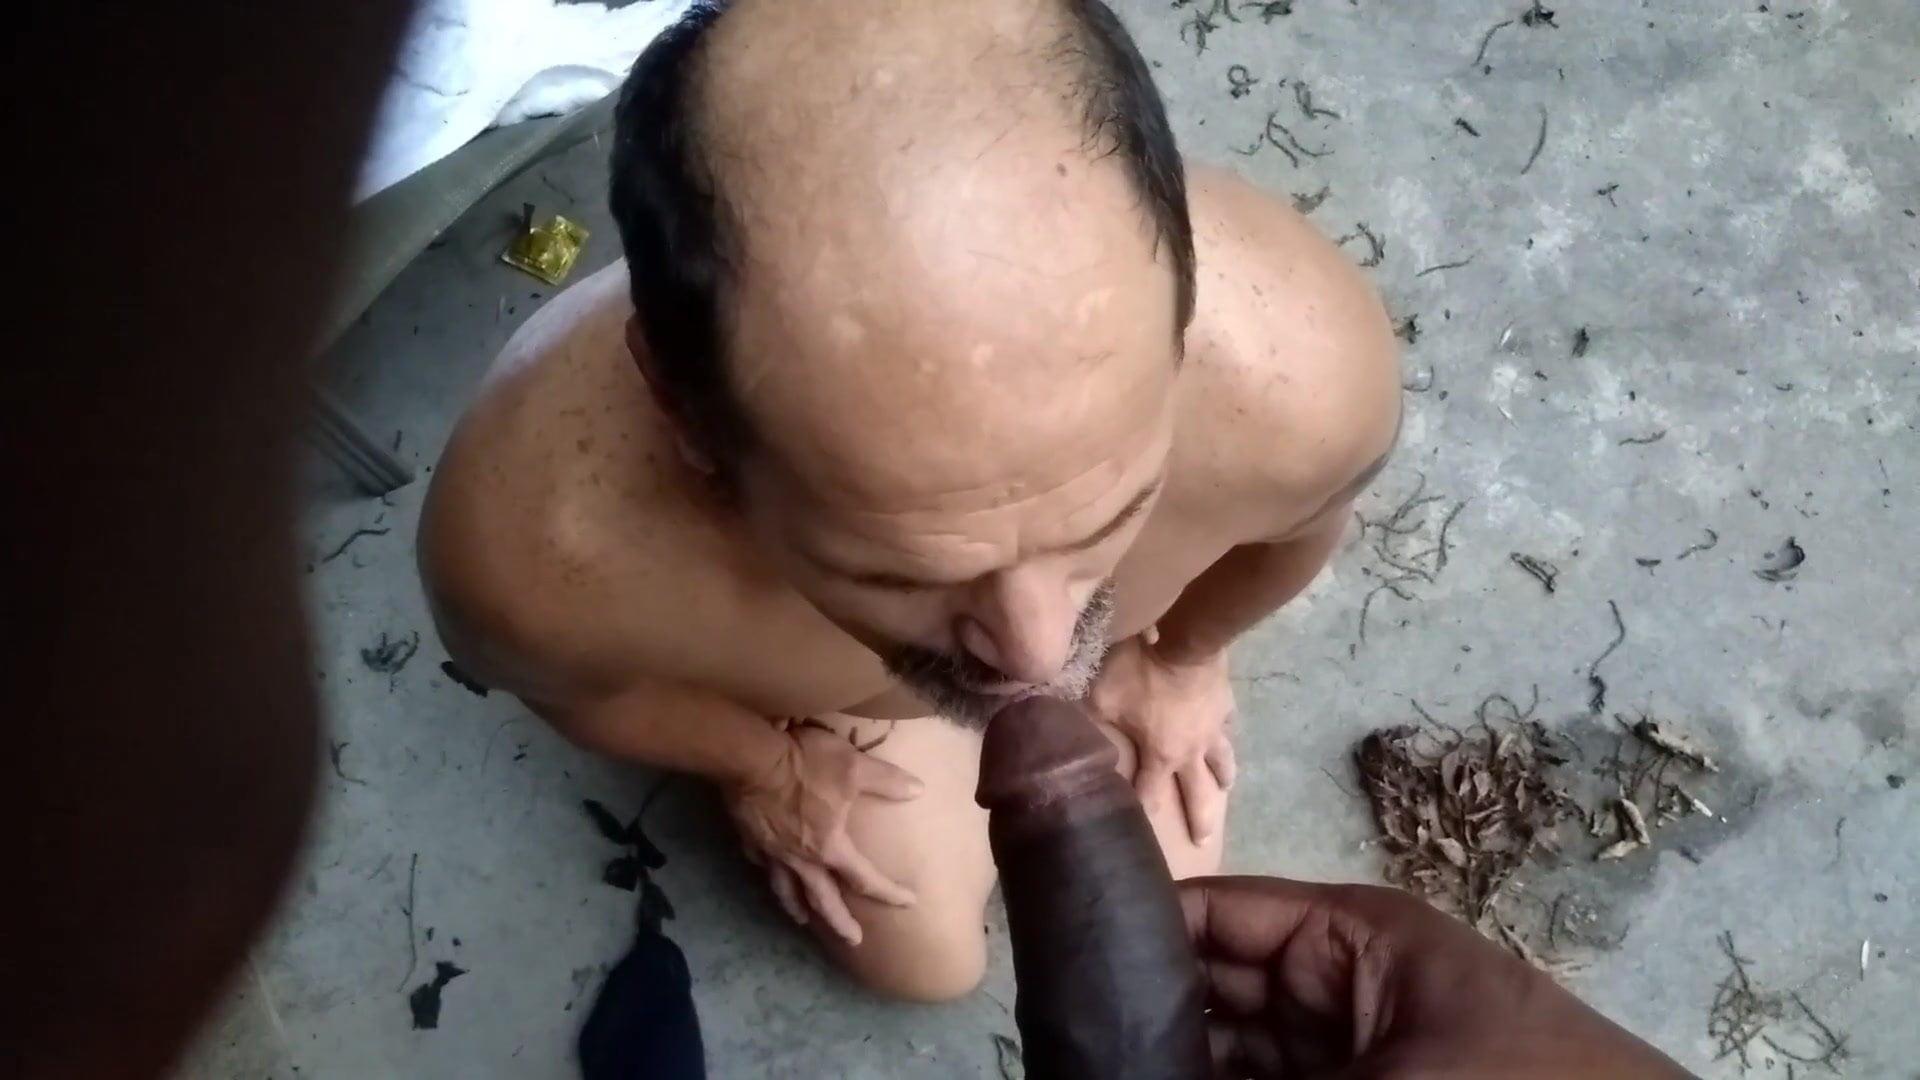 Bbc pissing